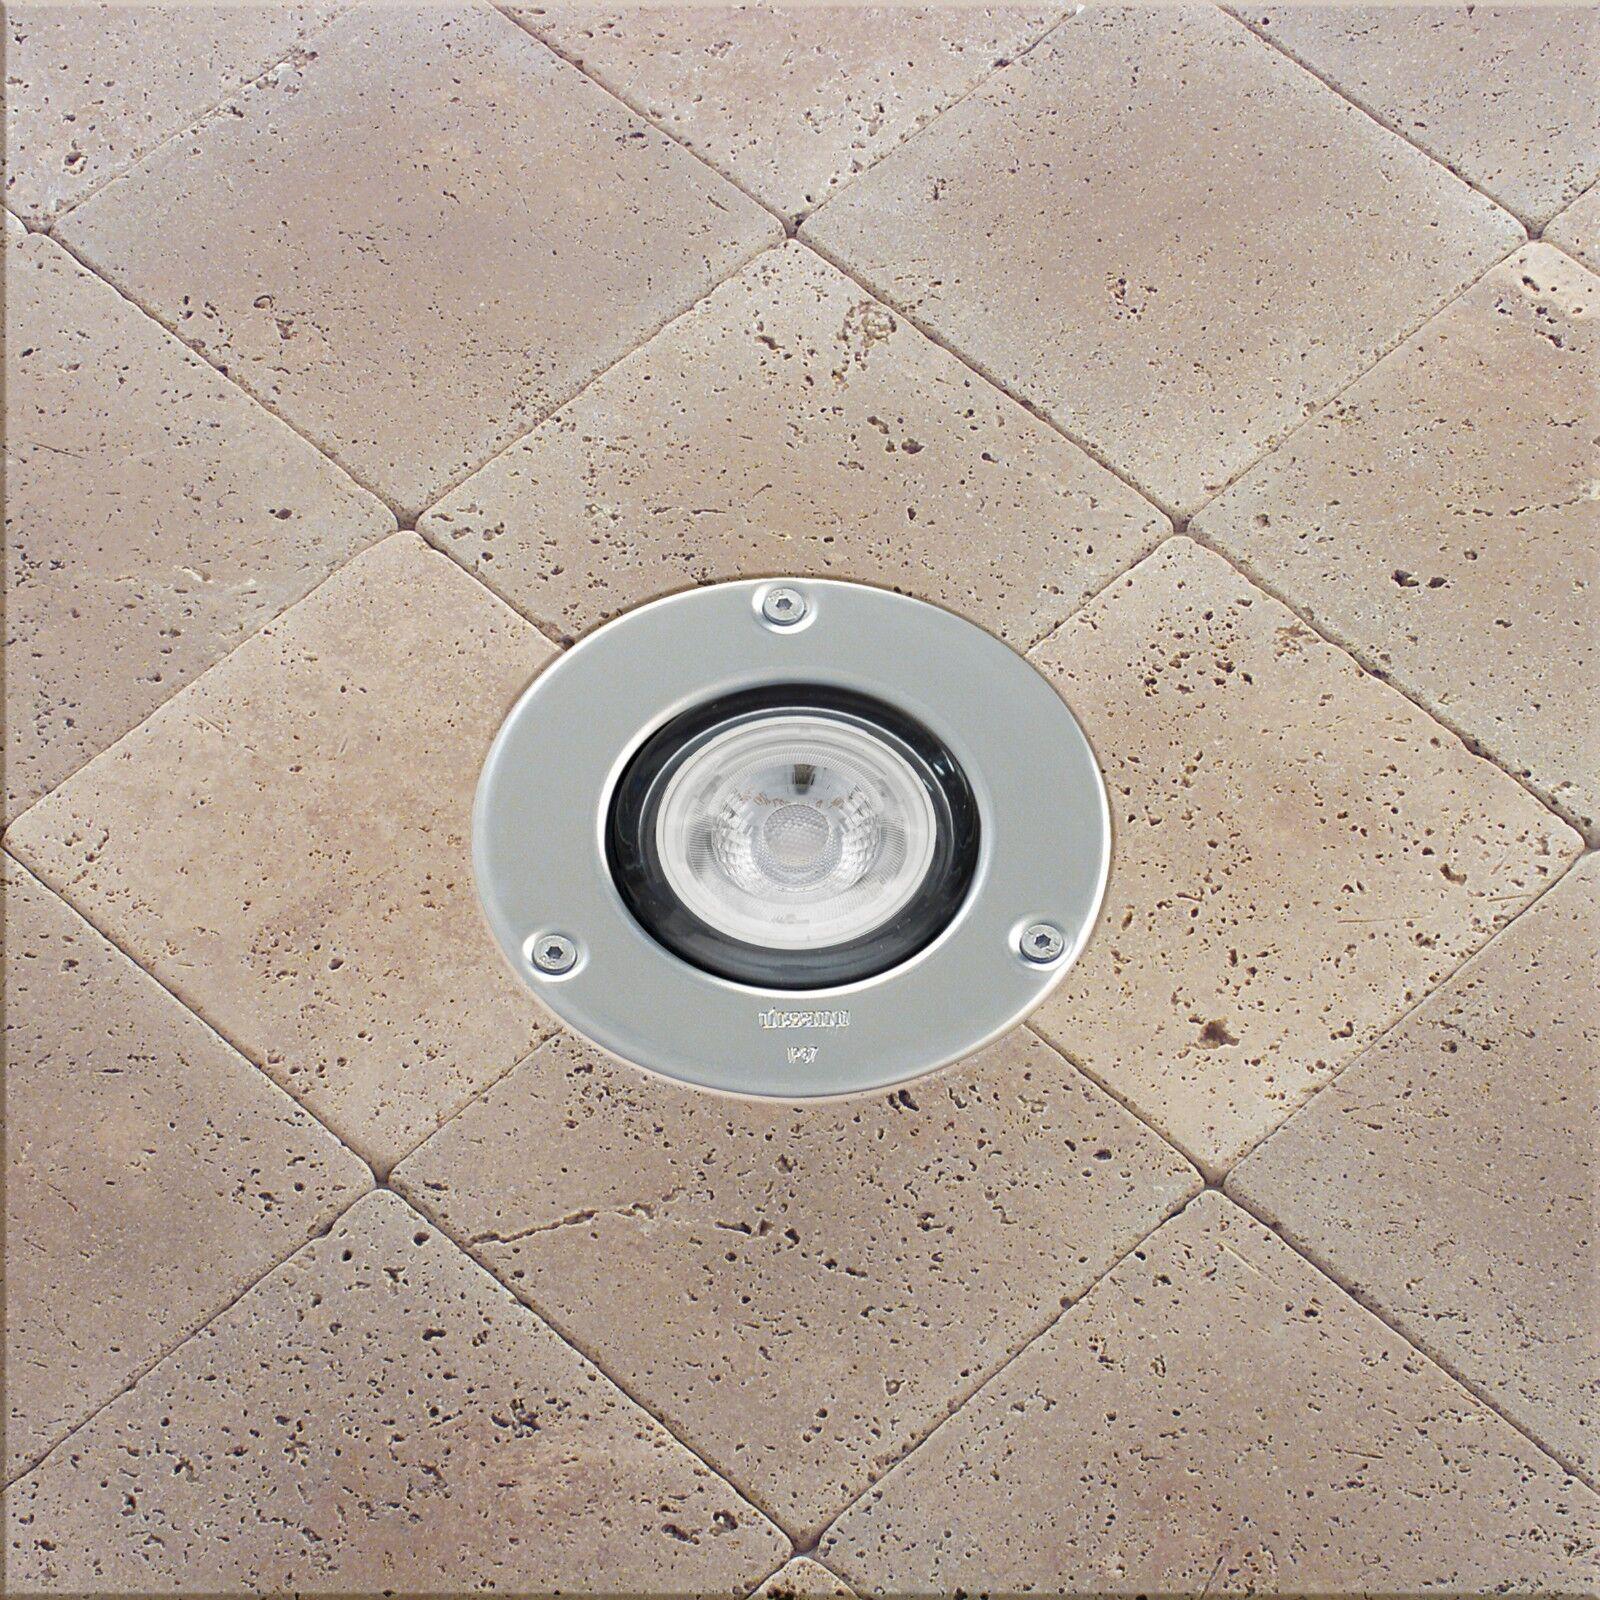 risparmia fino al 70% DISANO 53071000 FARETTO INCASSO LED LED LED 6W INOX MICROFLOOR 1670 GIARDINO ESTERNO  di moda